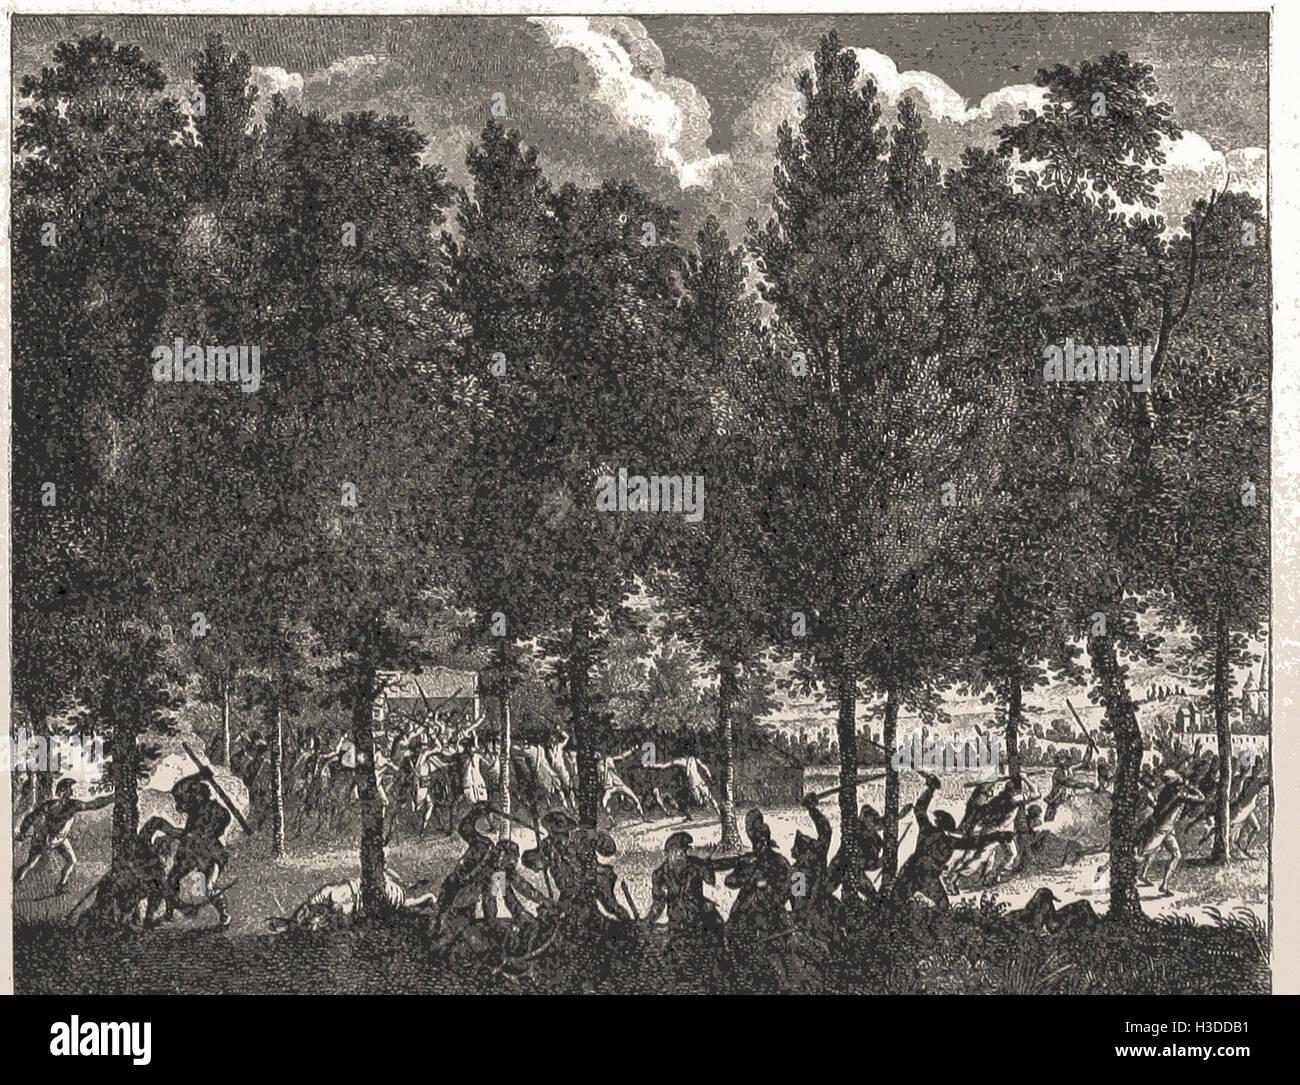 KONFLIKT ZWISCHEN DER NATIONALGARDE UND DER MARSELLAISE. AUGUST 1792 Stockbild